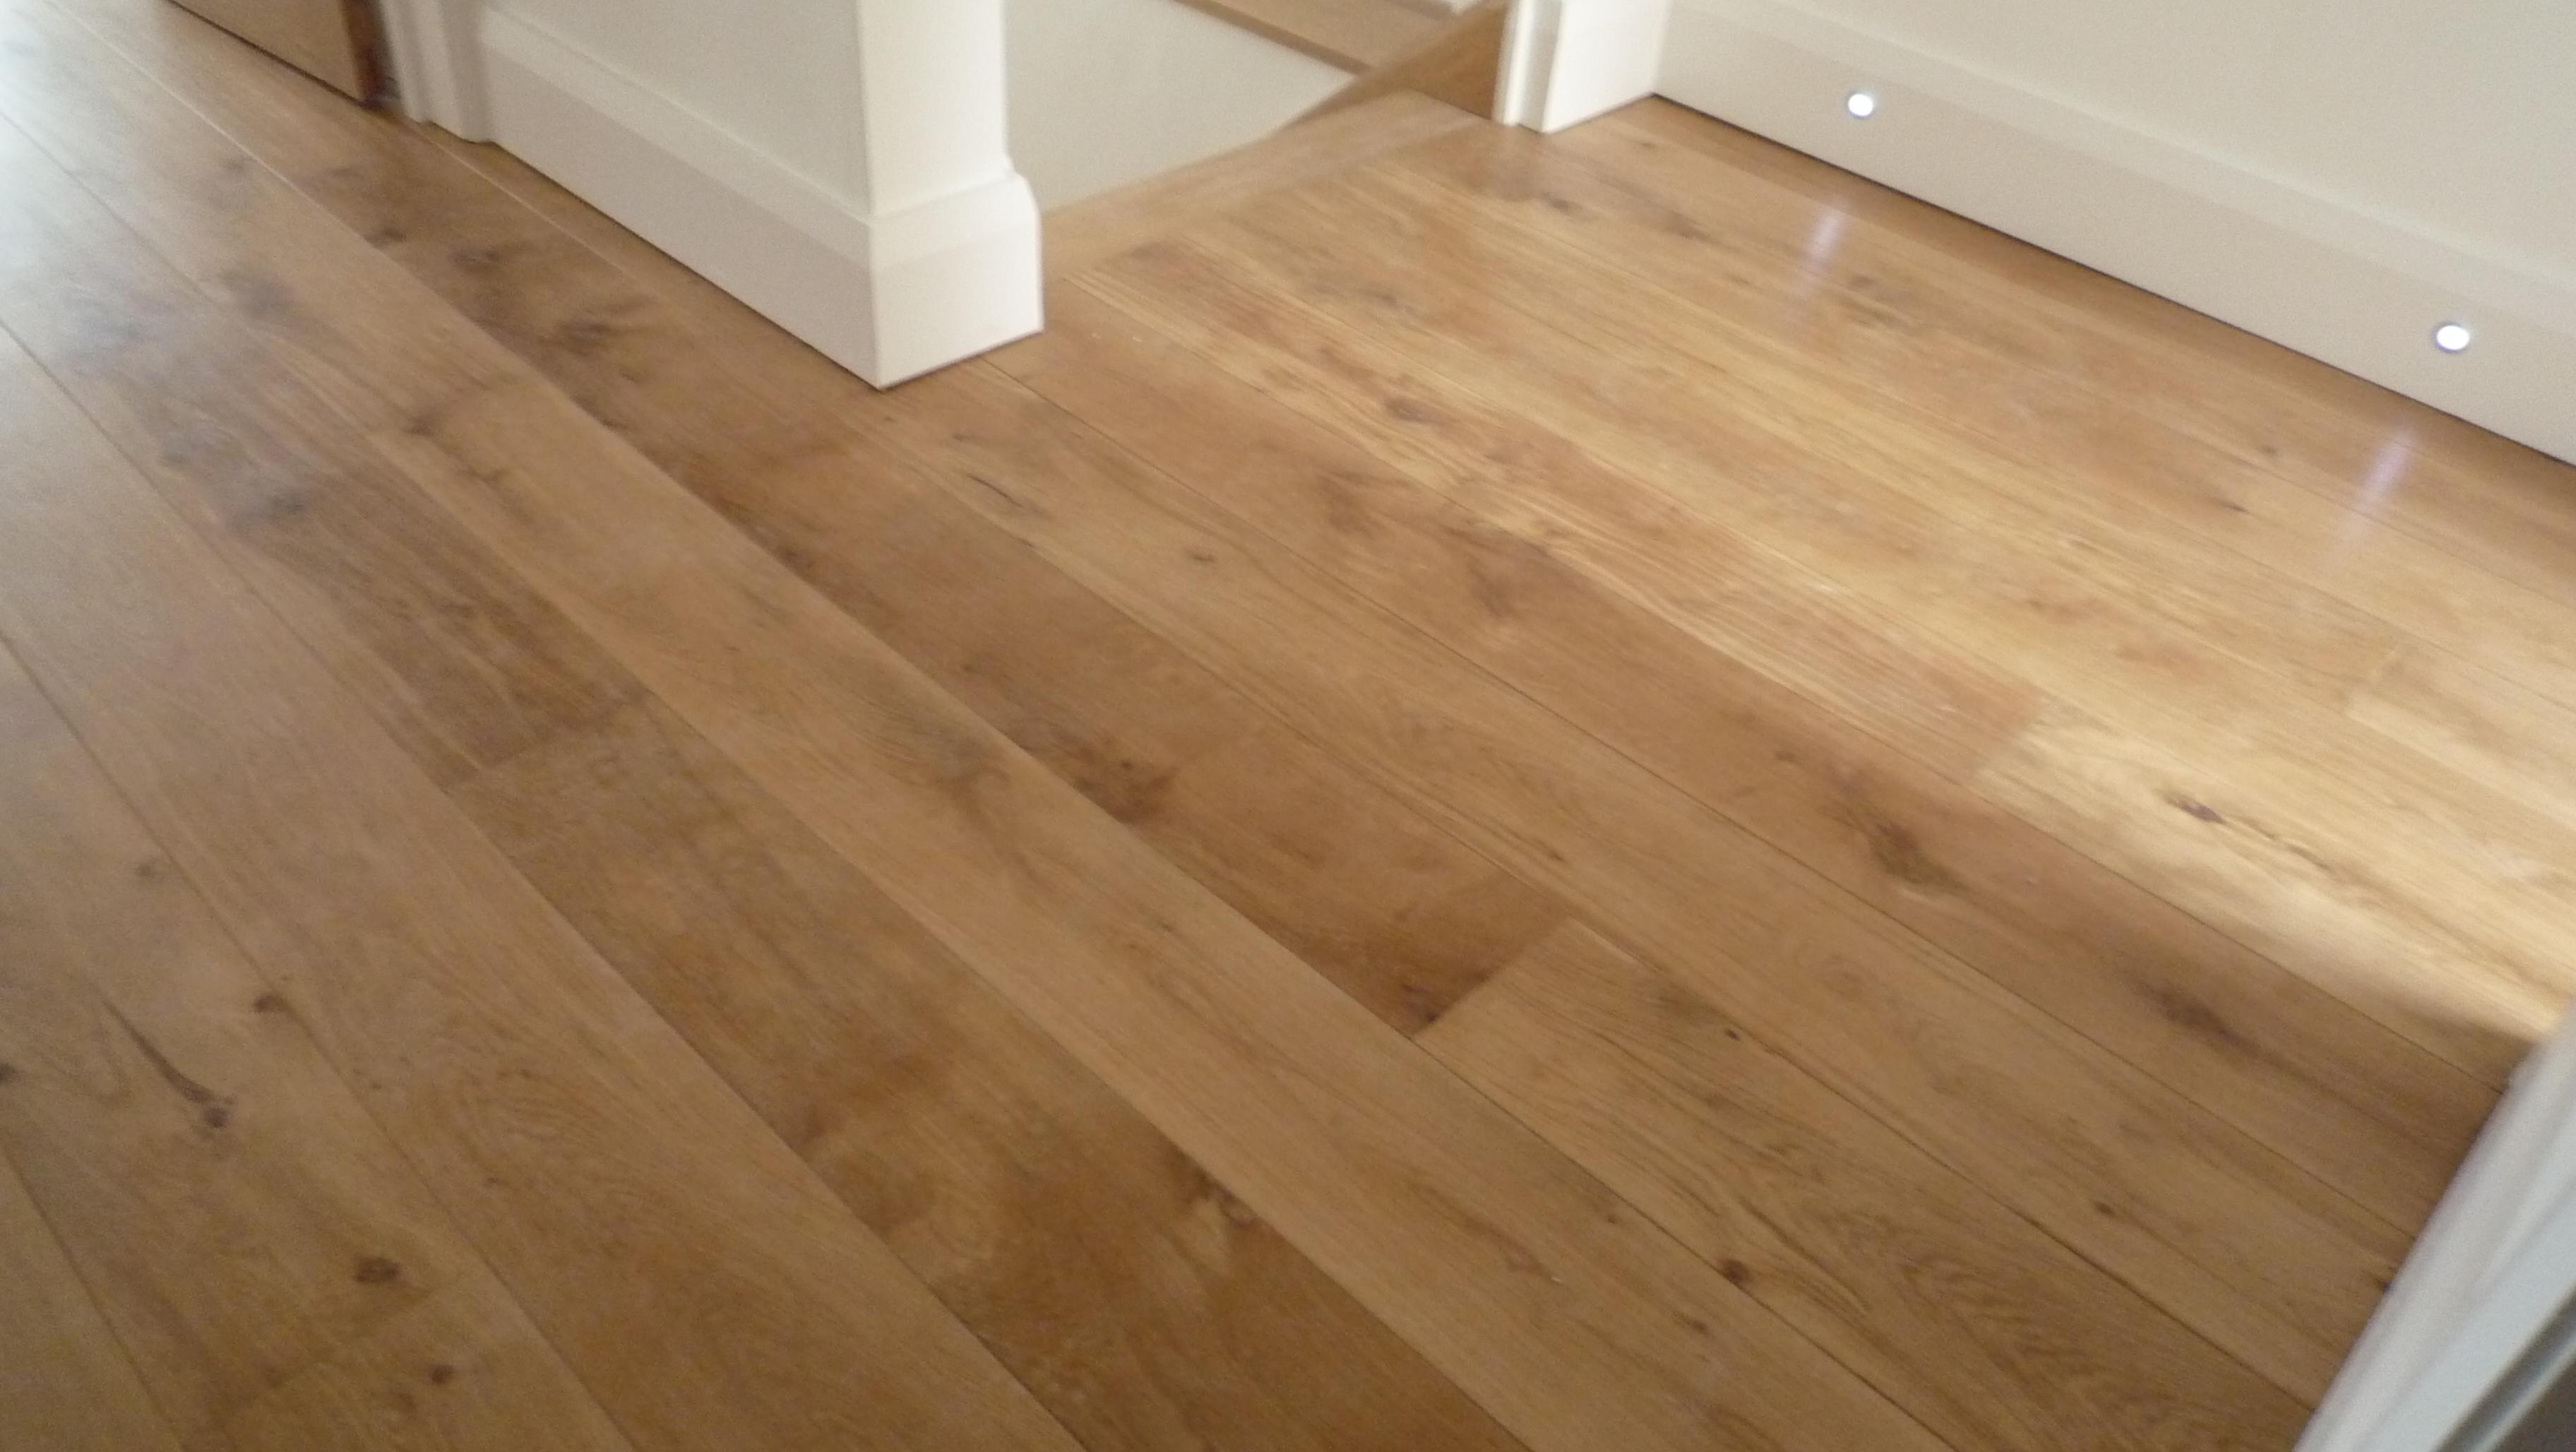 engineered oak flooring decor tips engineered wood flooring from mirage with engineered oak wood  flooring GXUXFUL